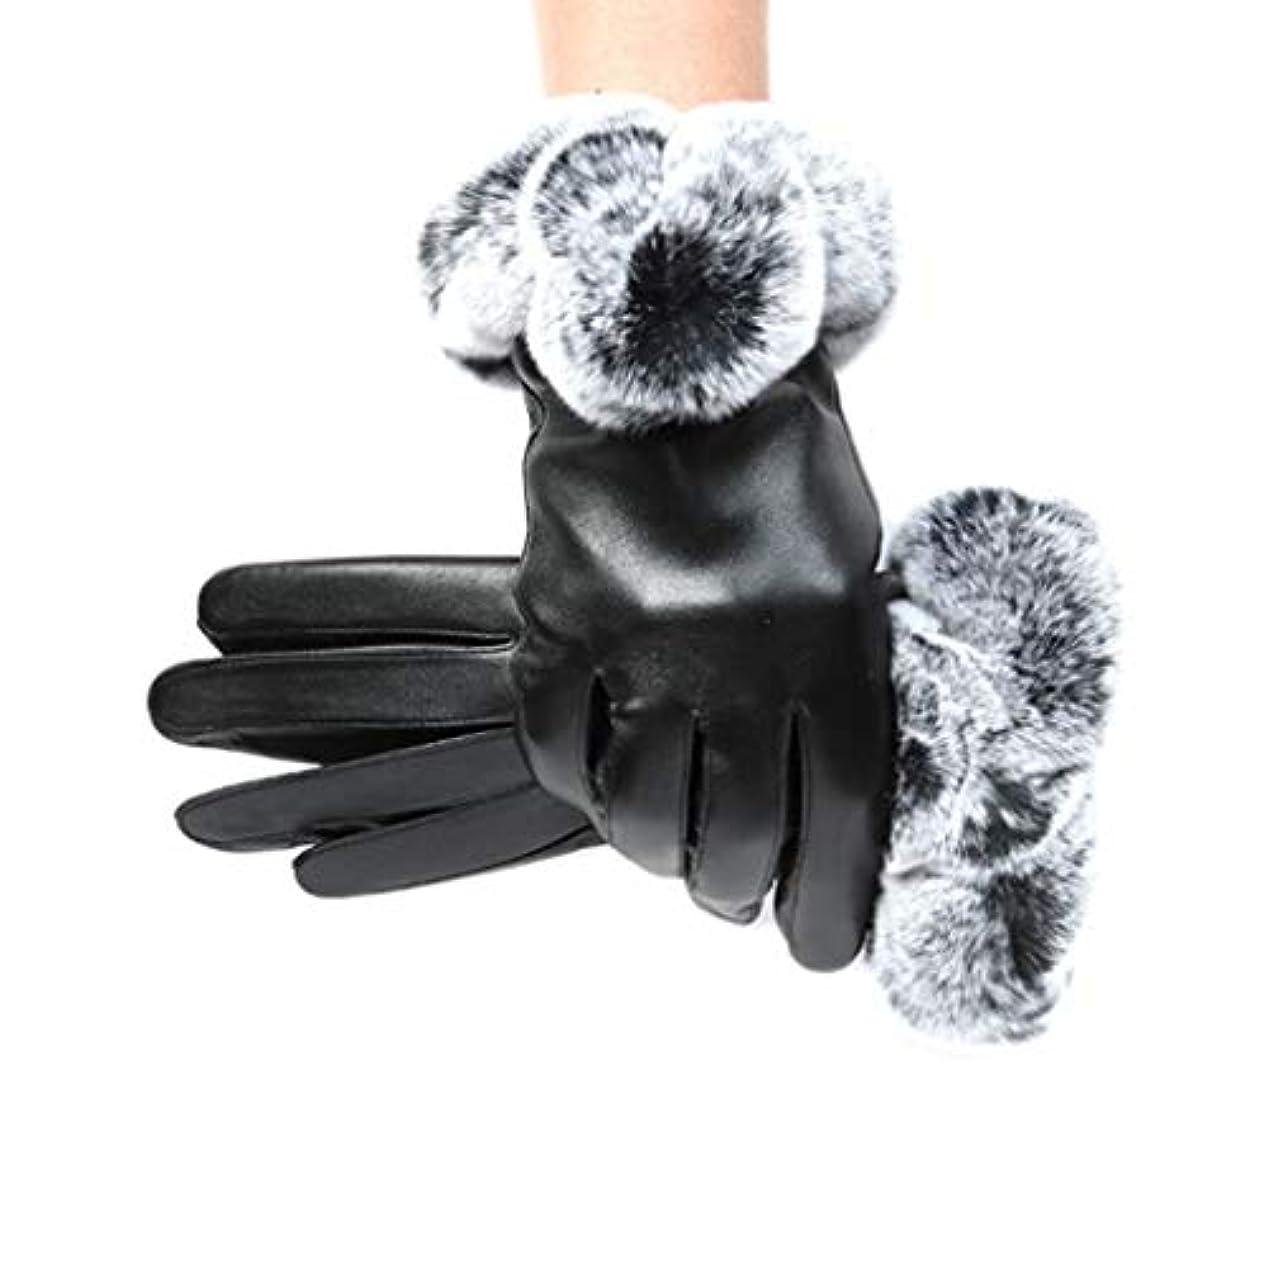 参照展示会リングレットレザーグローブ冬の暖かい手袋レディースアウトドアライディンググローブ防風コールドプラスベルベットのタッチスクリーングローブ女性モデル